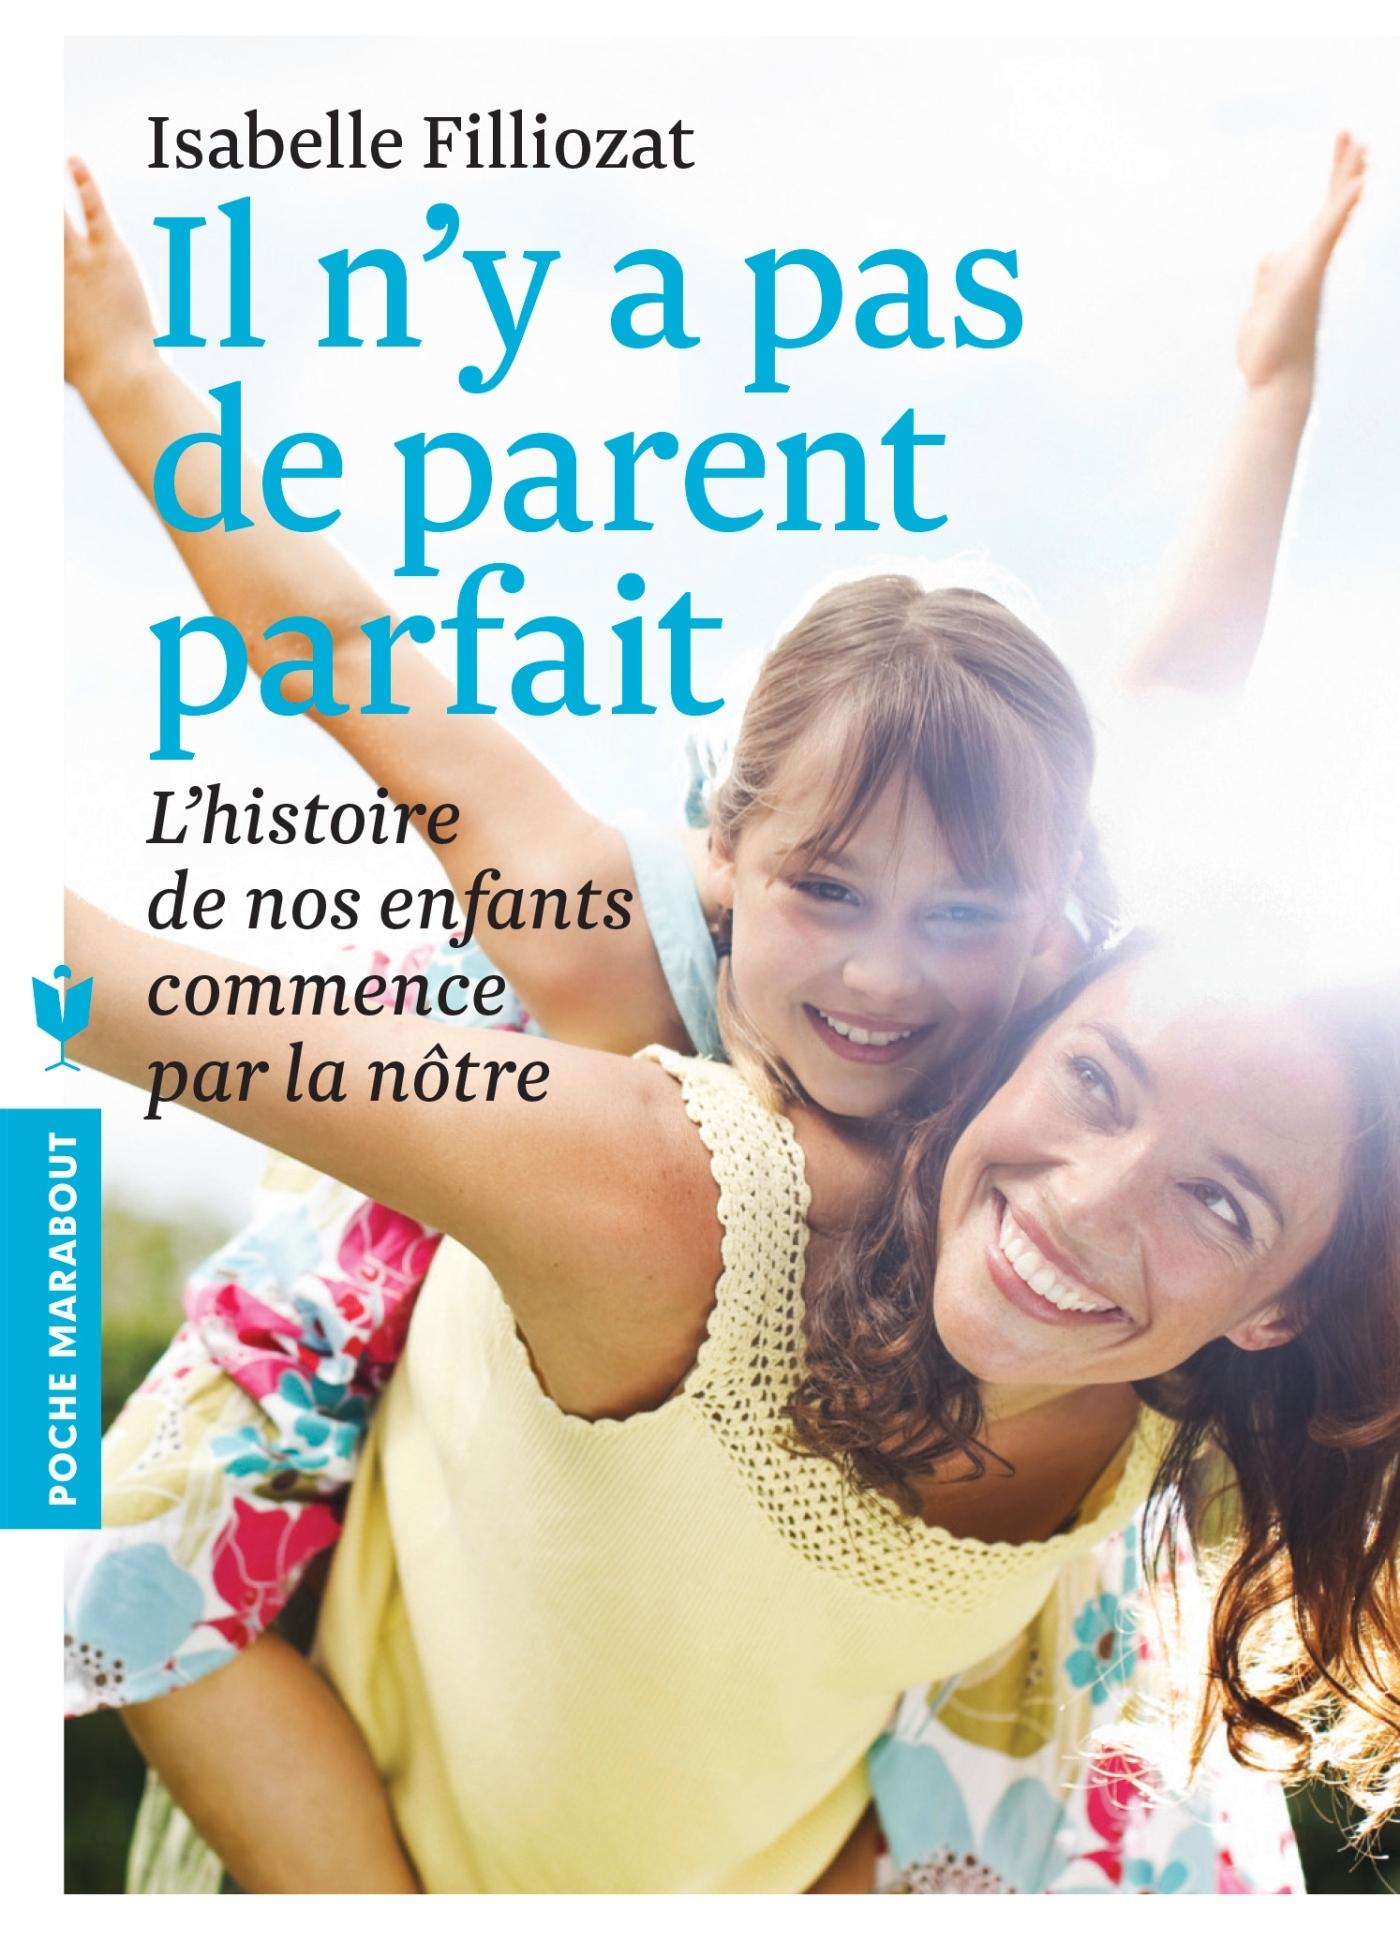 IL N'Y A PAS DE PARENT PARFAIT